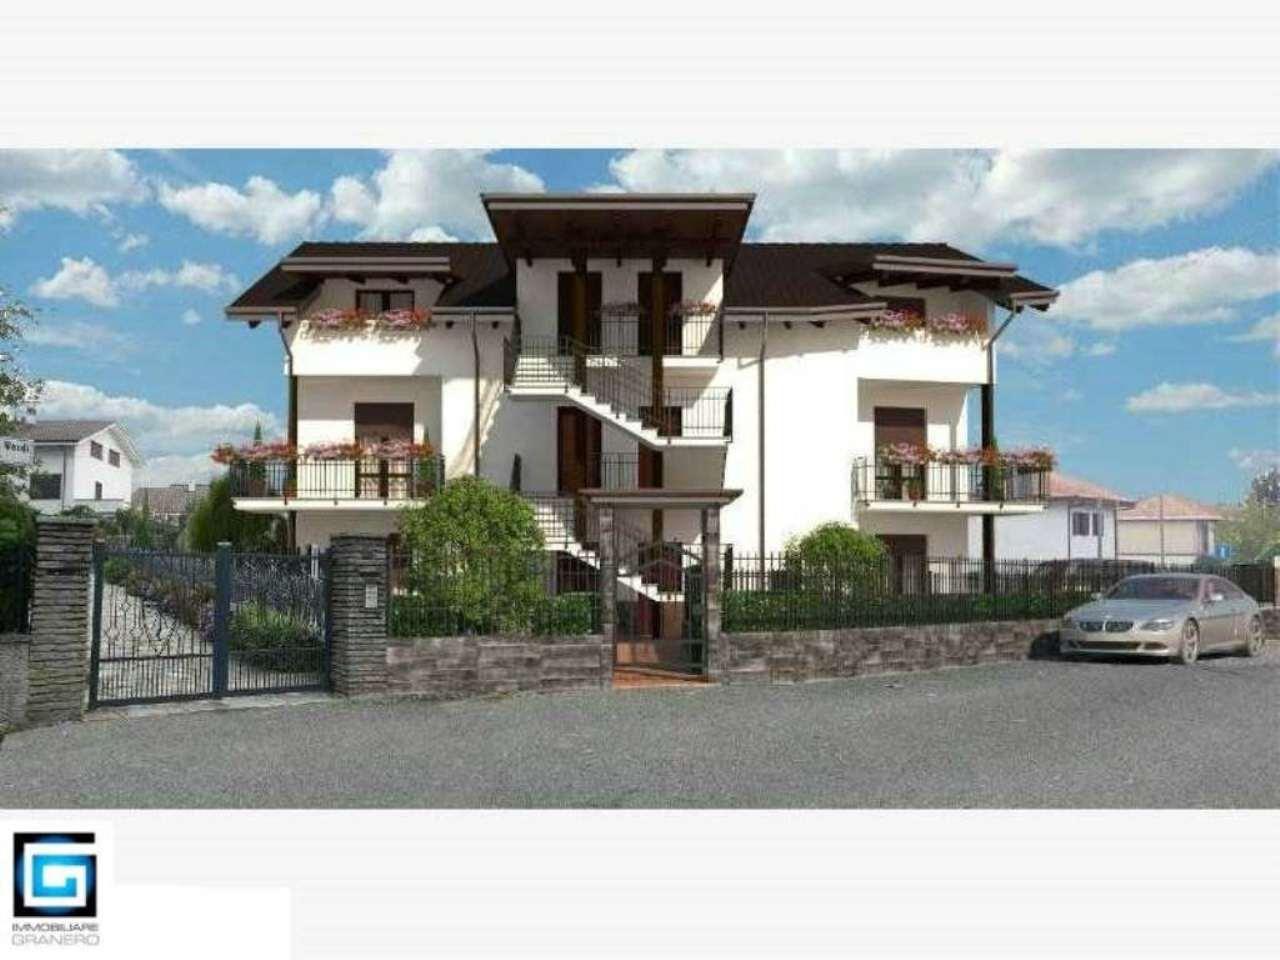 Alpignano Vendita APPARTAMENTO Immagine 2